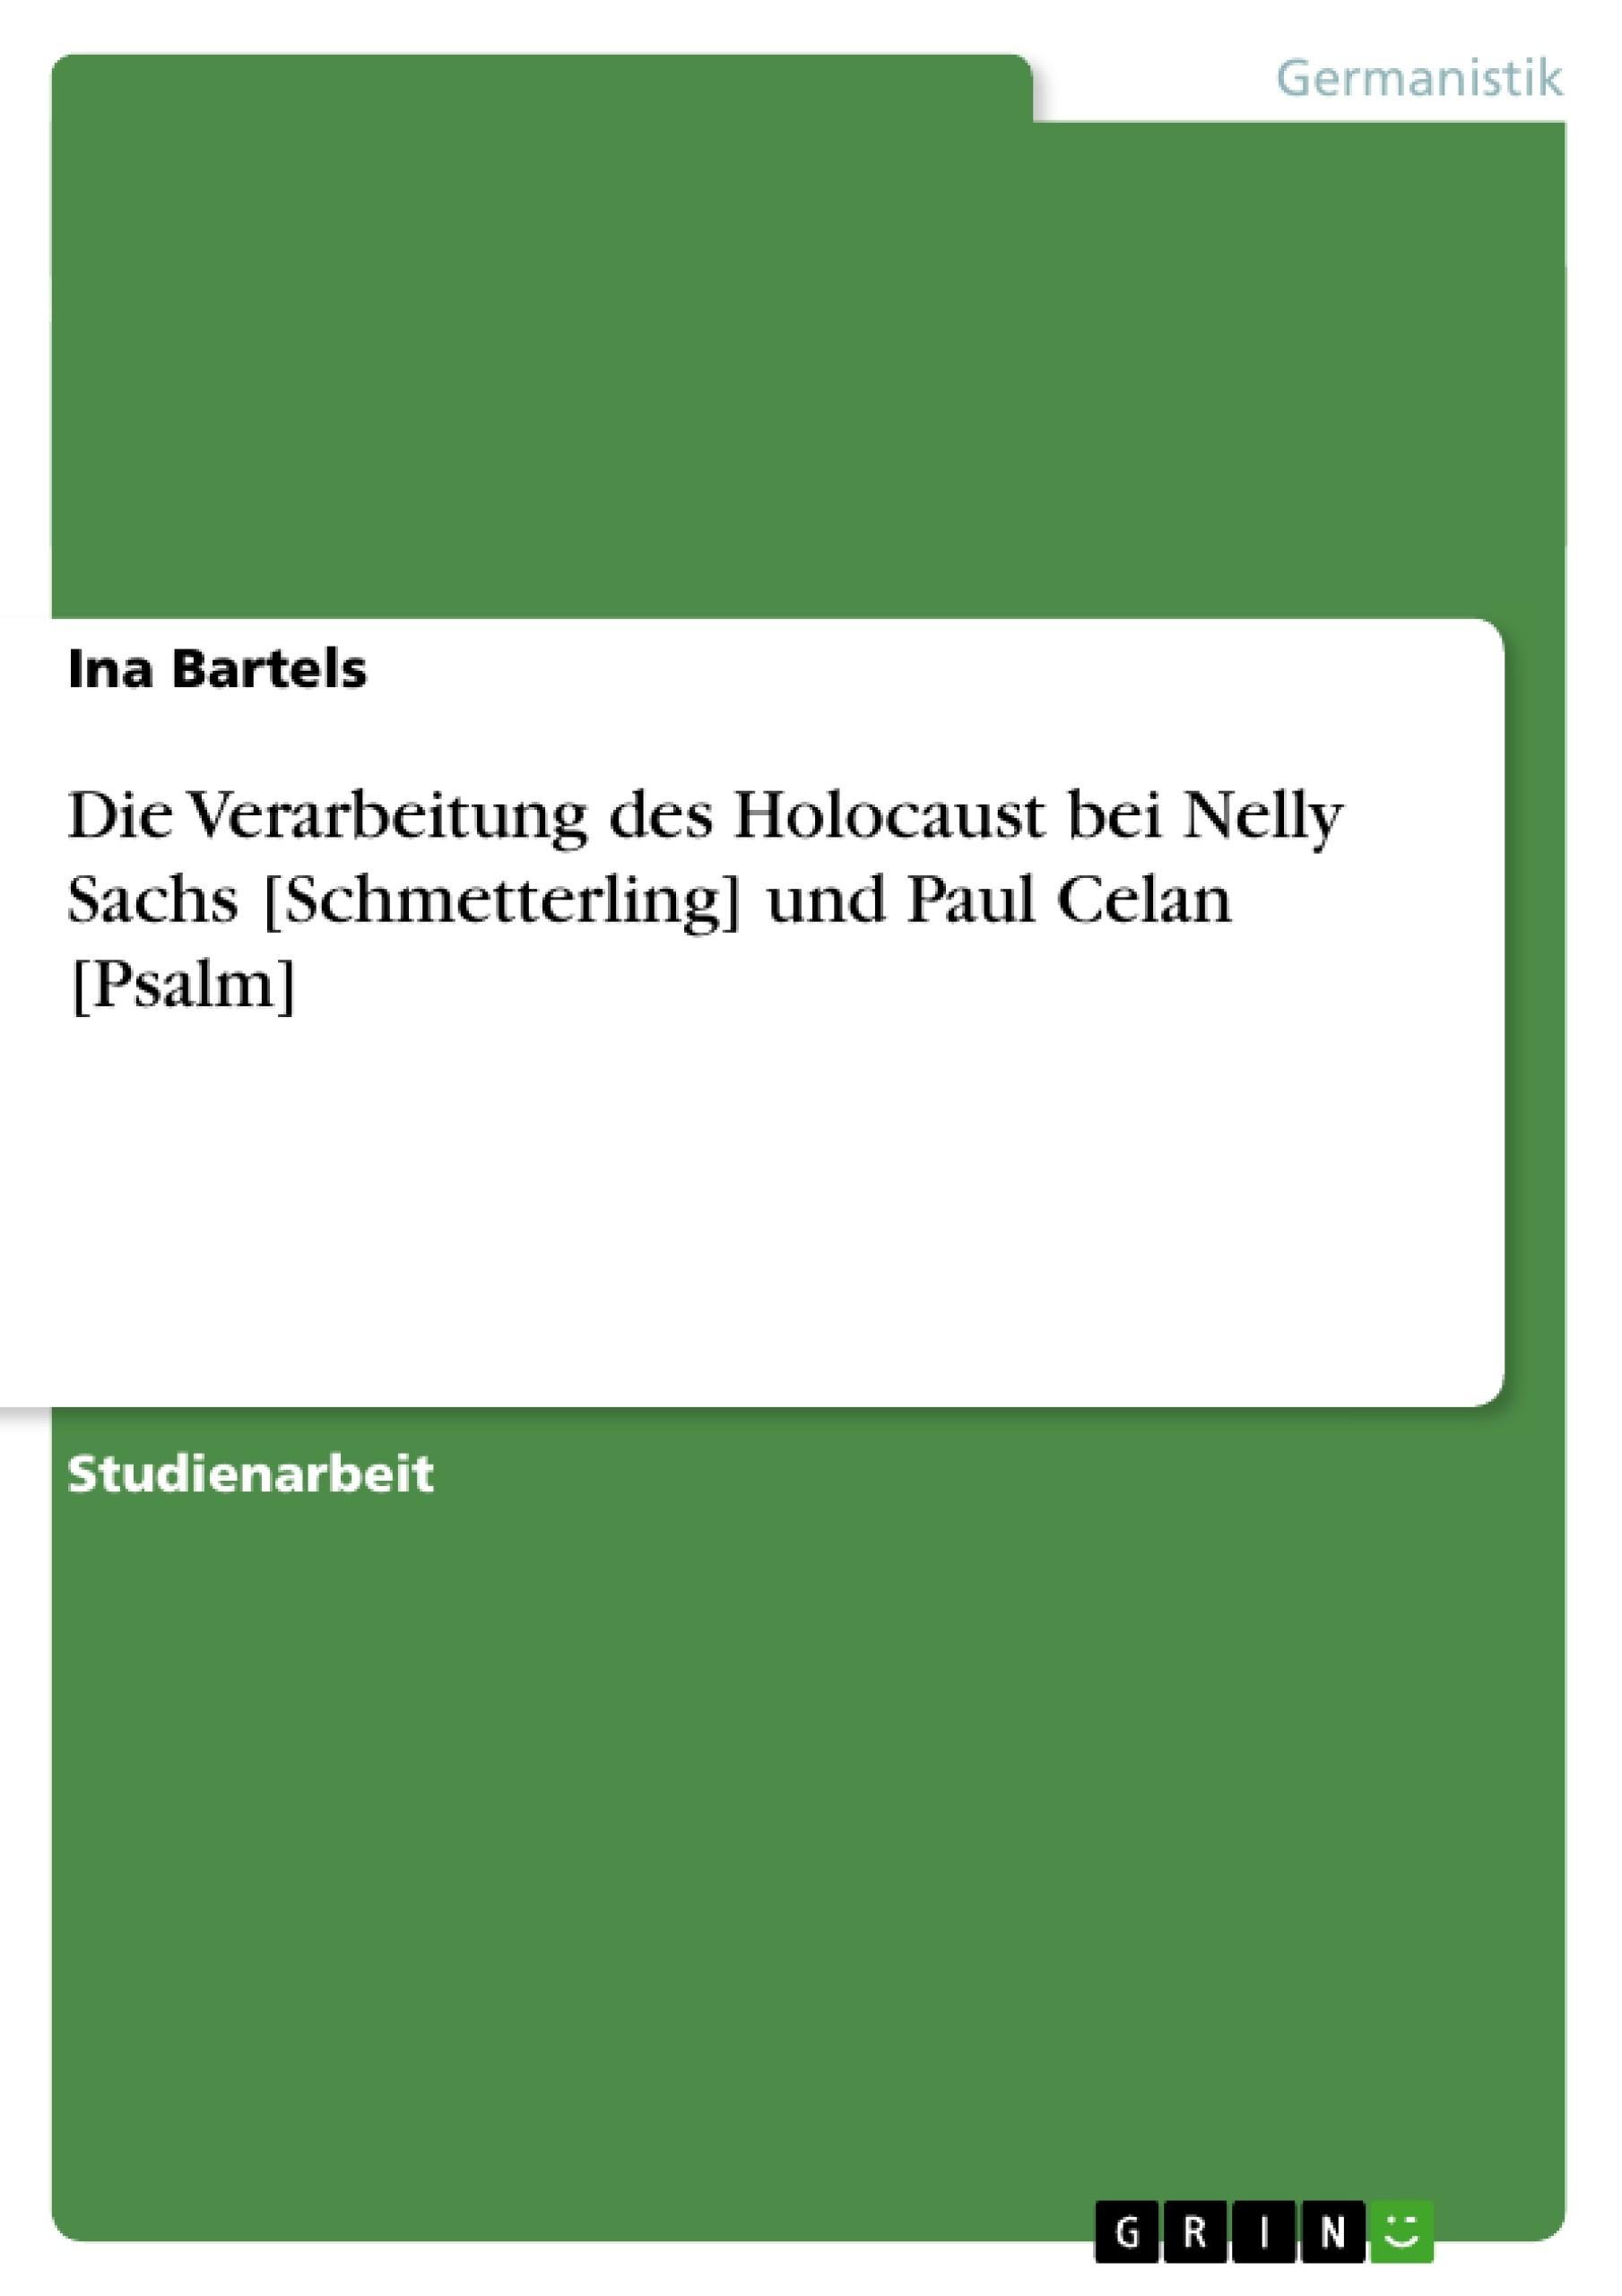 Titel: Die Verarbeitung des Holocaust bei Nelly Sachs [Schmetterling] und Paul Celan [Psalm]